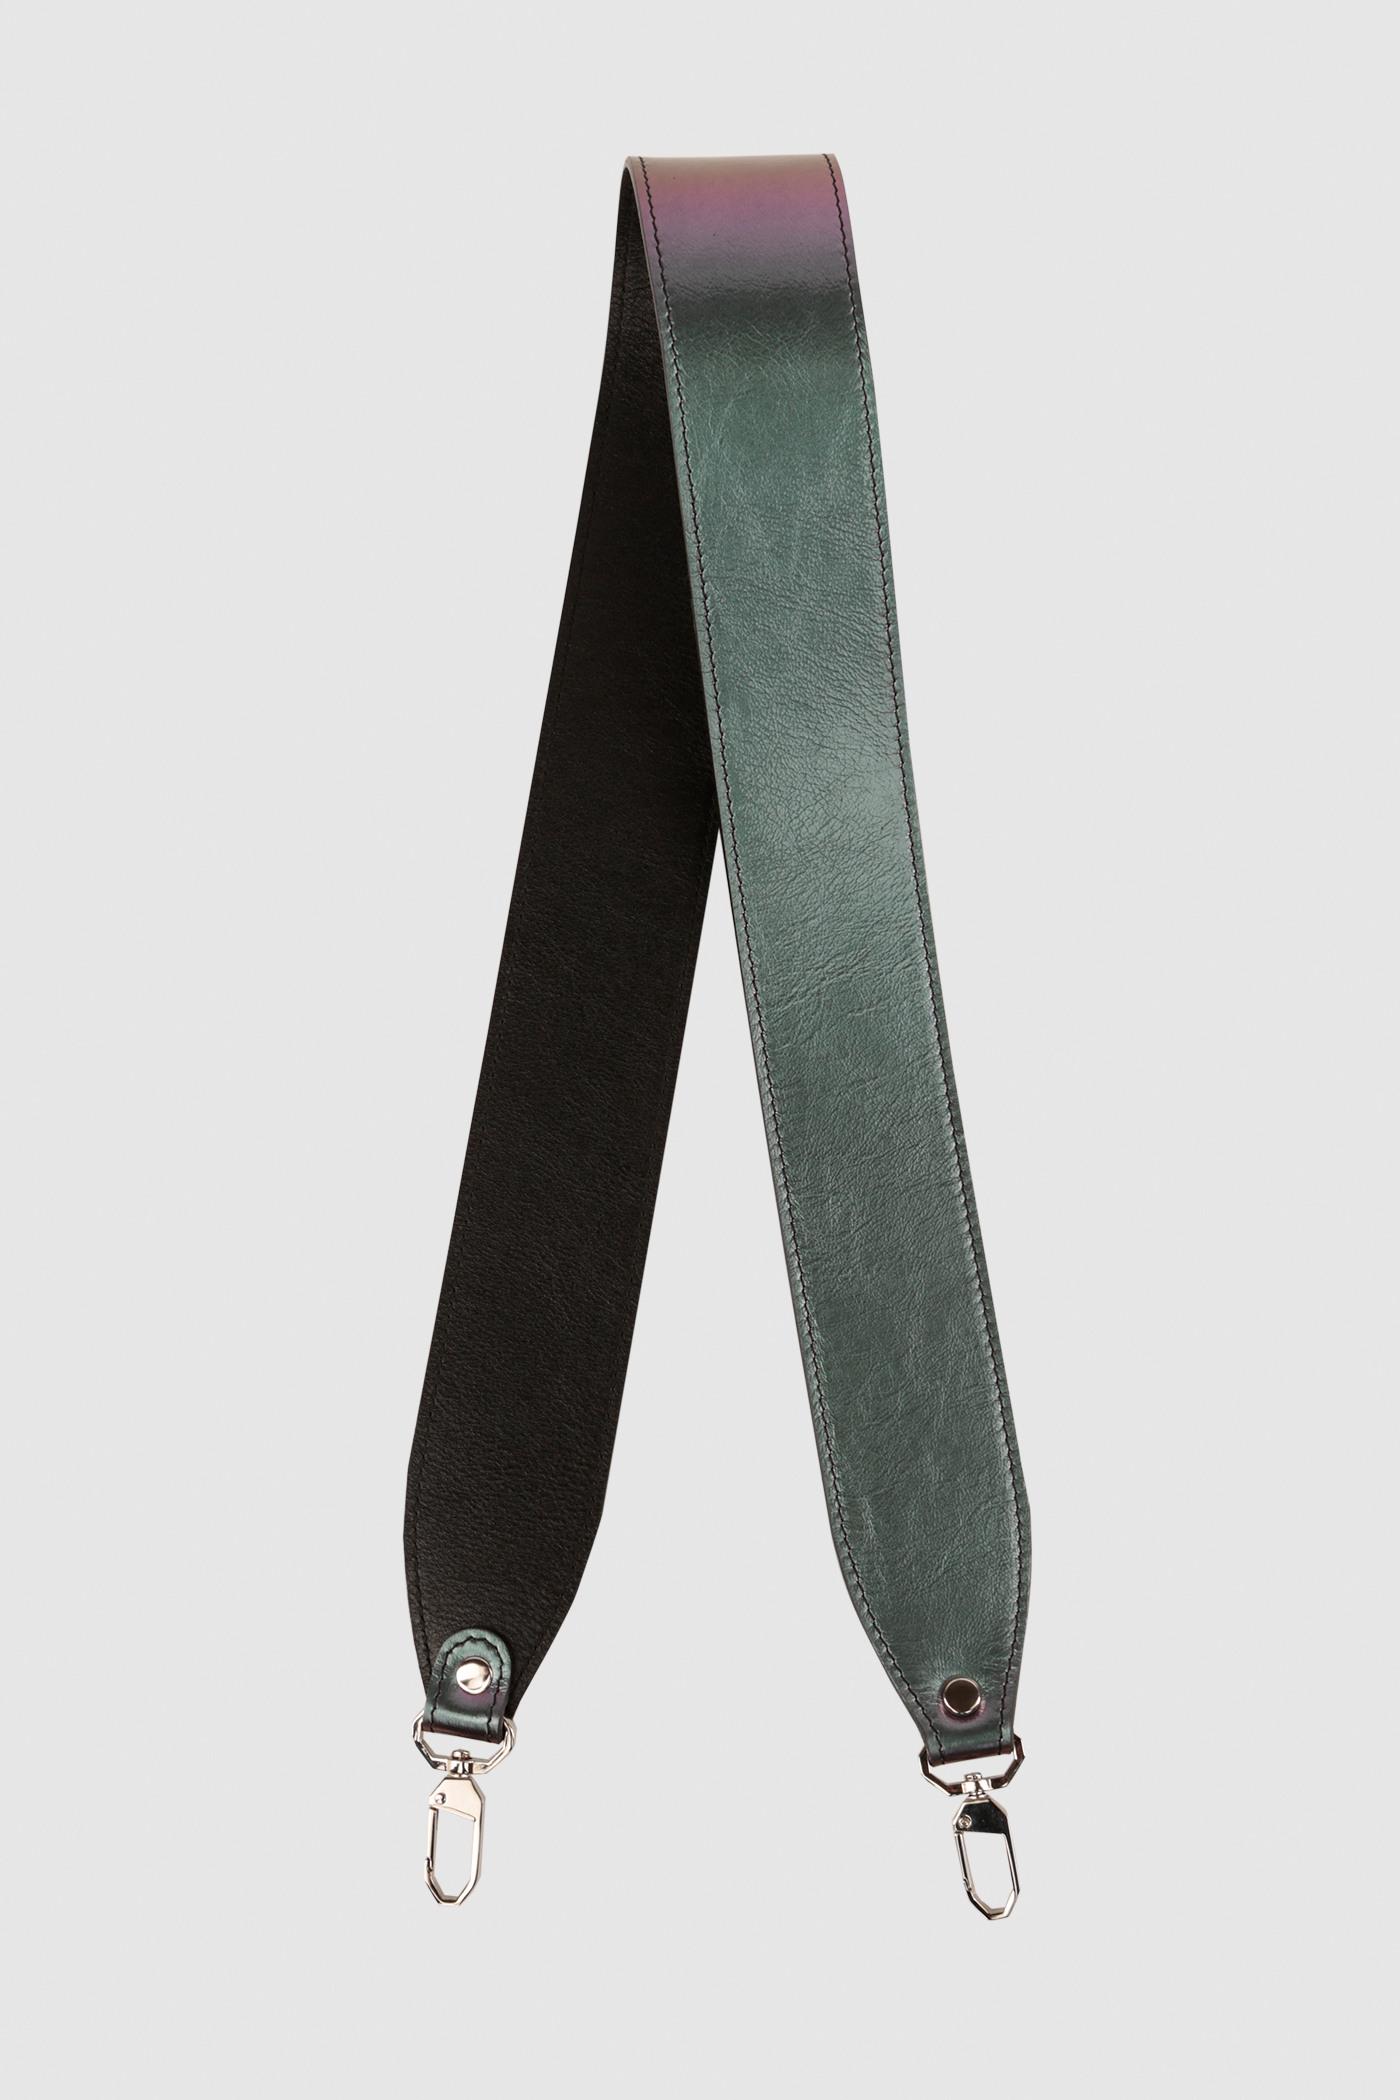 Ремешок на сумкуРемень широкий на двух карабинах из плотной натуральной кожи. Подходит к ряду моделей сумок.&#13;<br>&#13;<br>Размеры&#13;<br>Длина: 80 см&#13;<br>Ширина: 5 см<br><br>Цвет: Бензин